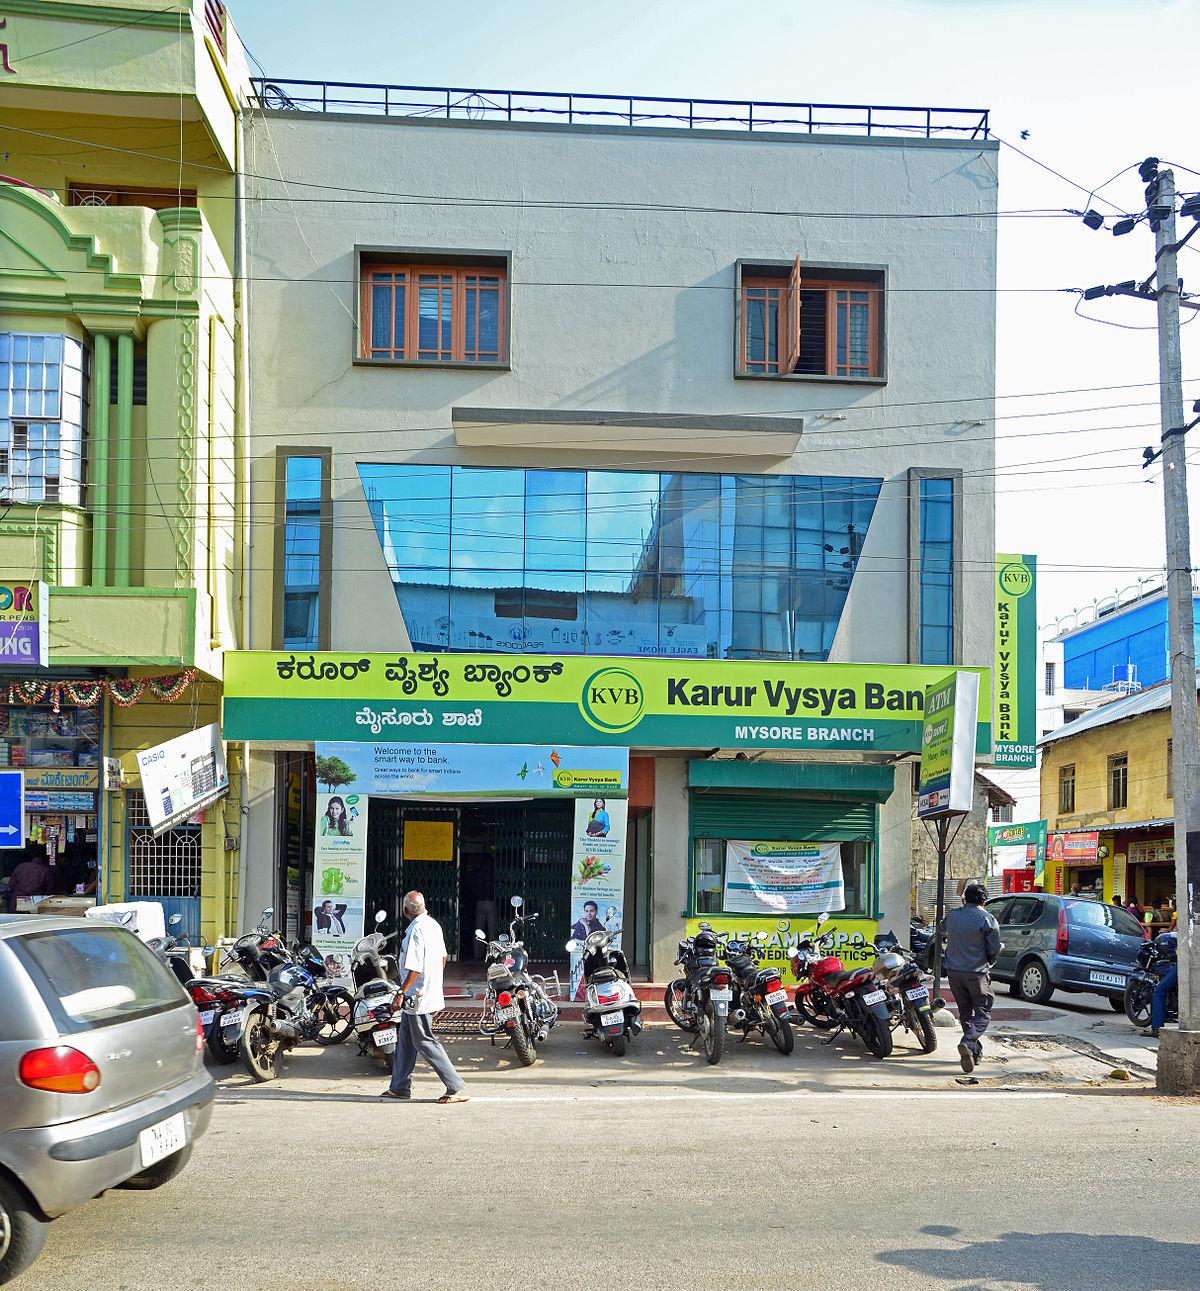 Karur vysya bank branches in bangalore dating